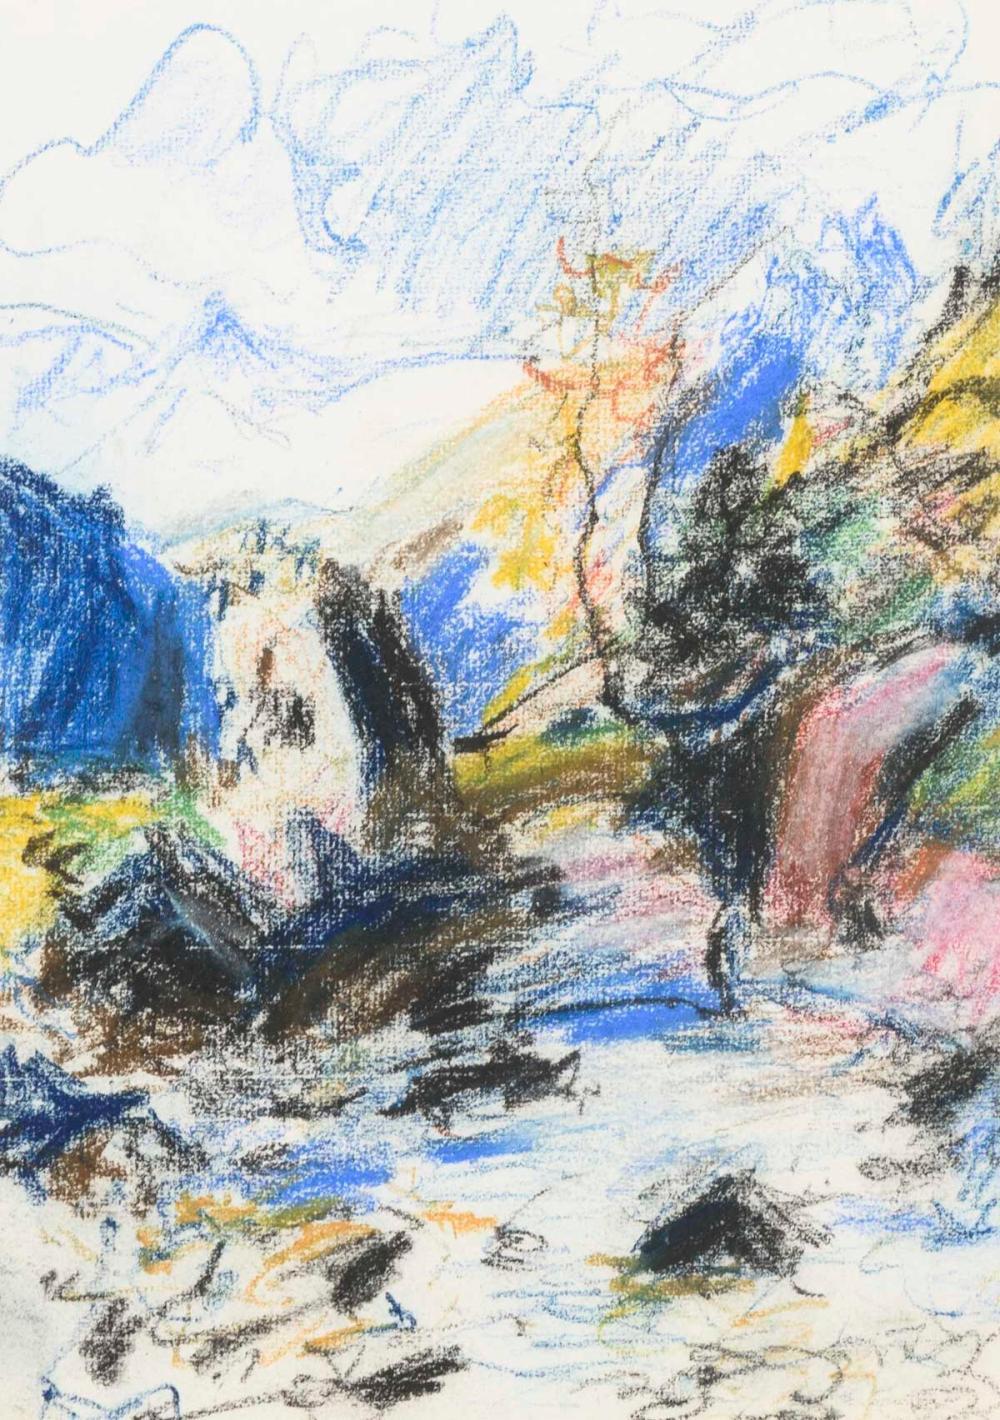 SZPINGER, Alexander von (1889 Weimar - 1969 Weimar). Berge mit Bachlauf.